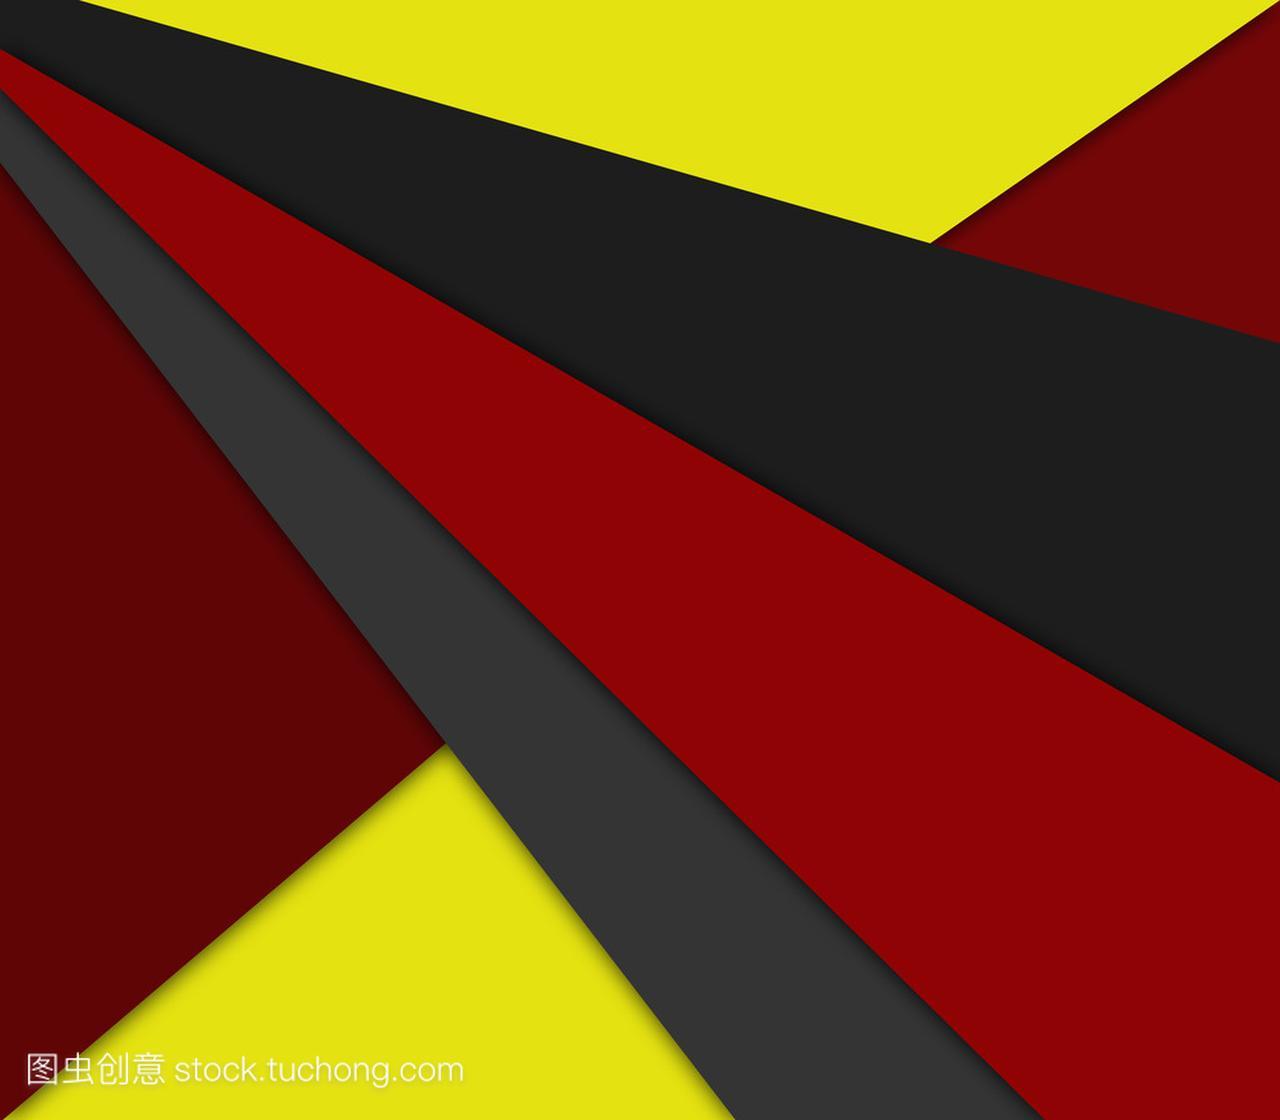 抽象材料说明和有色钟表v材料故宫背景平面设计图片